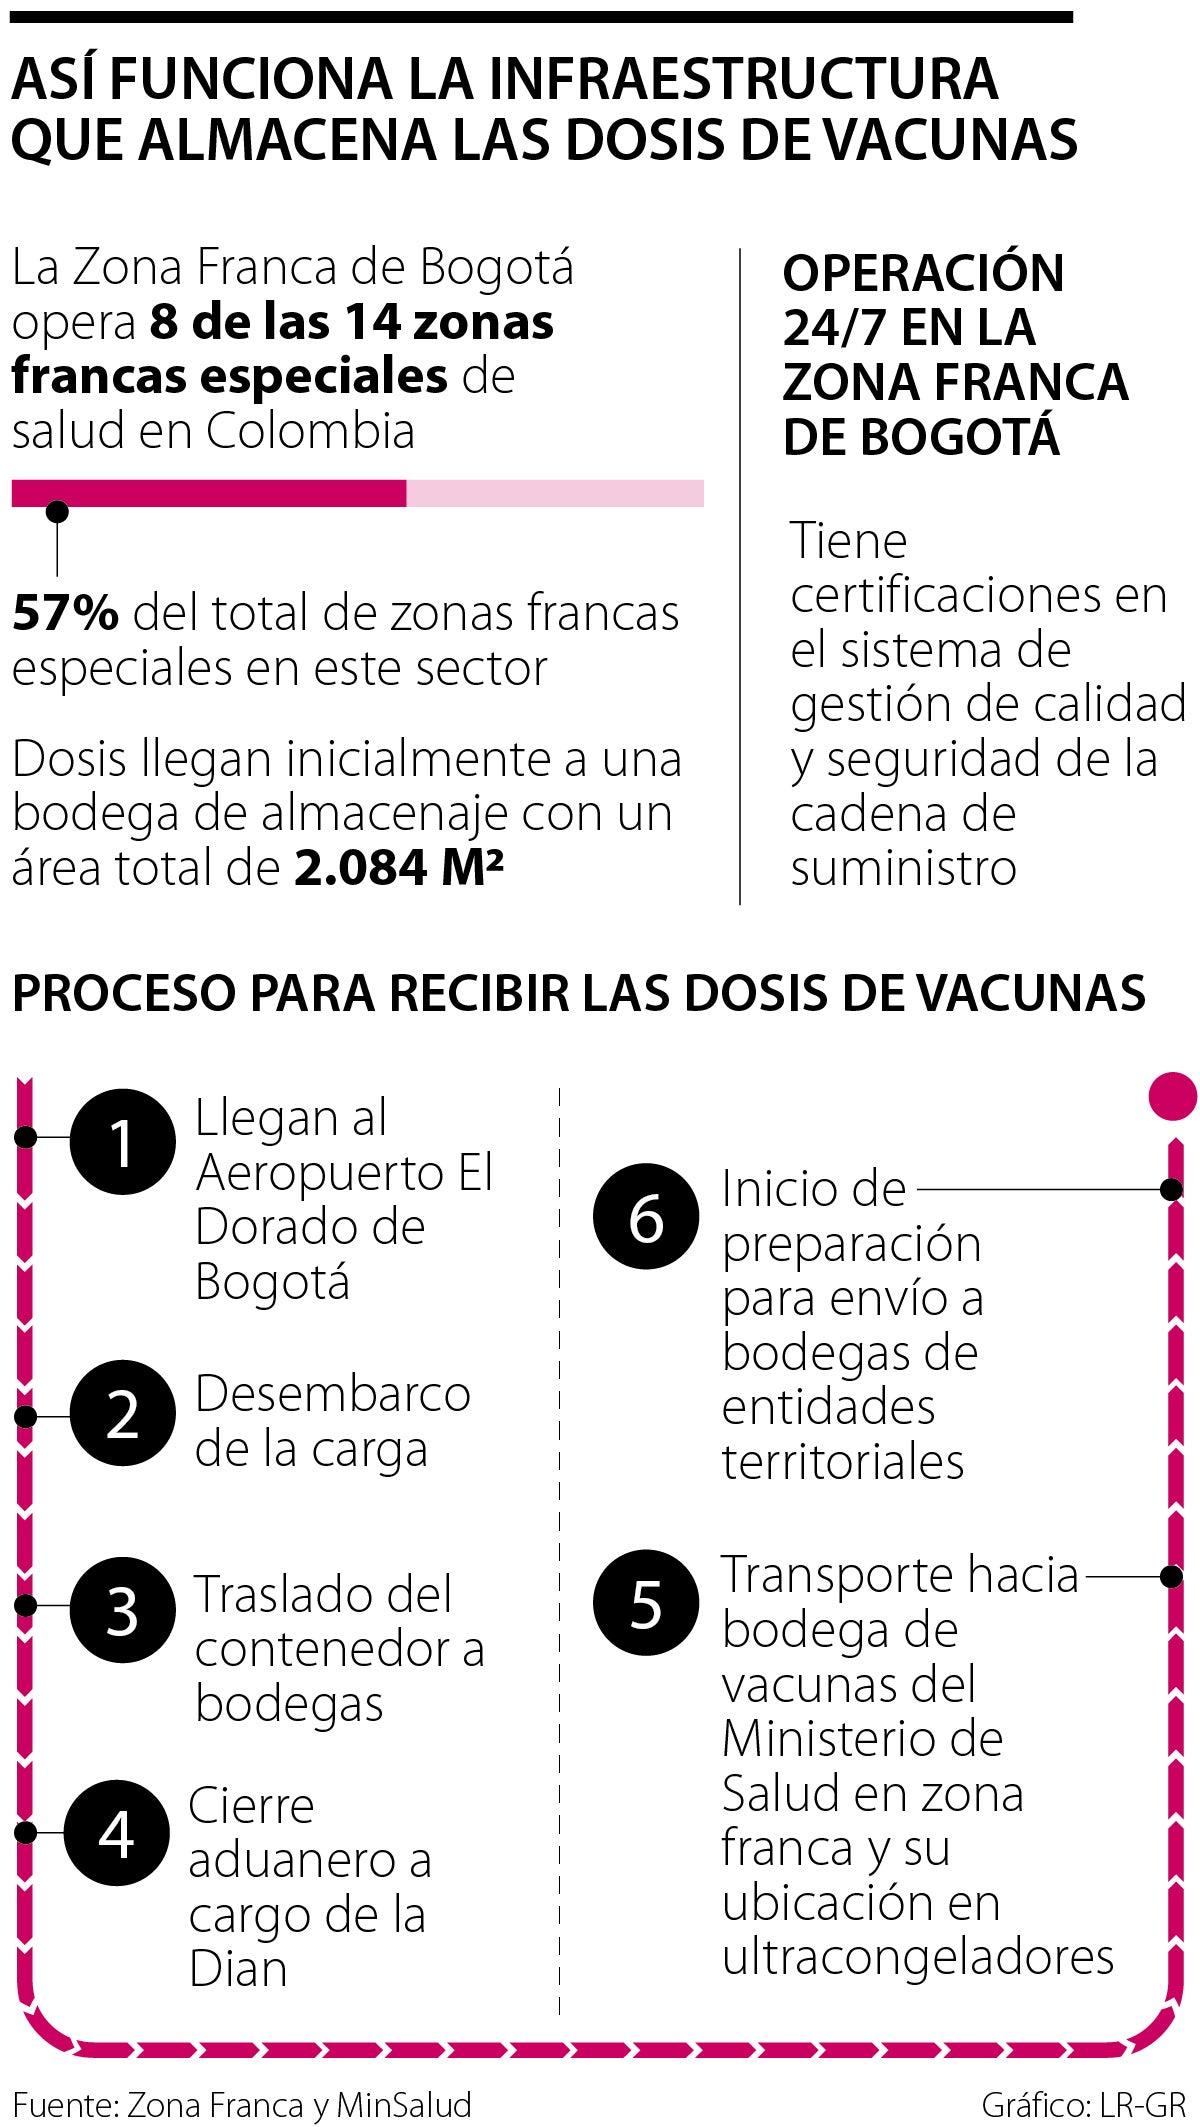 Almacenamiento vacuna COVID